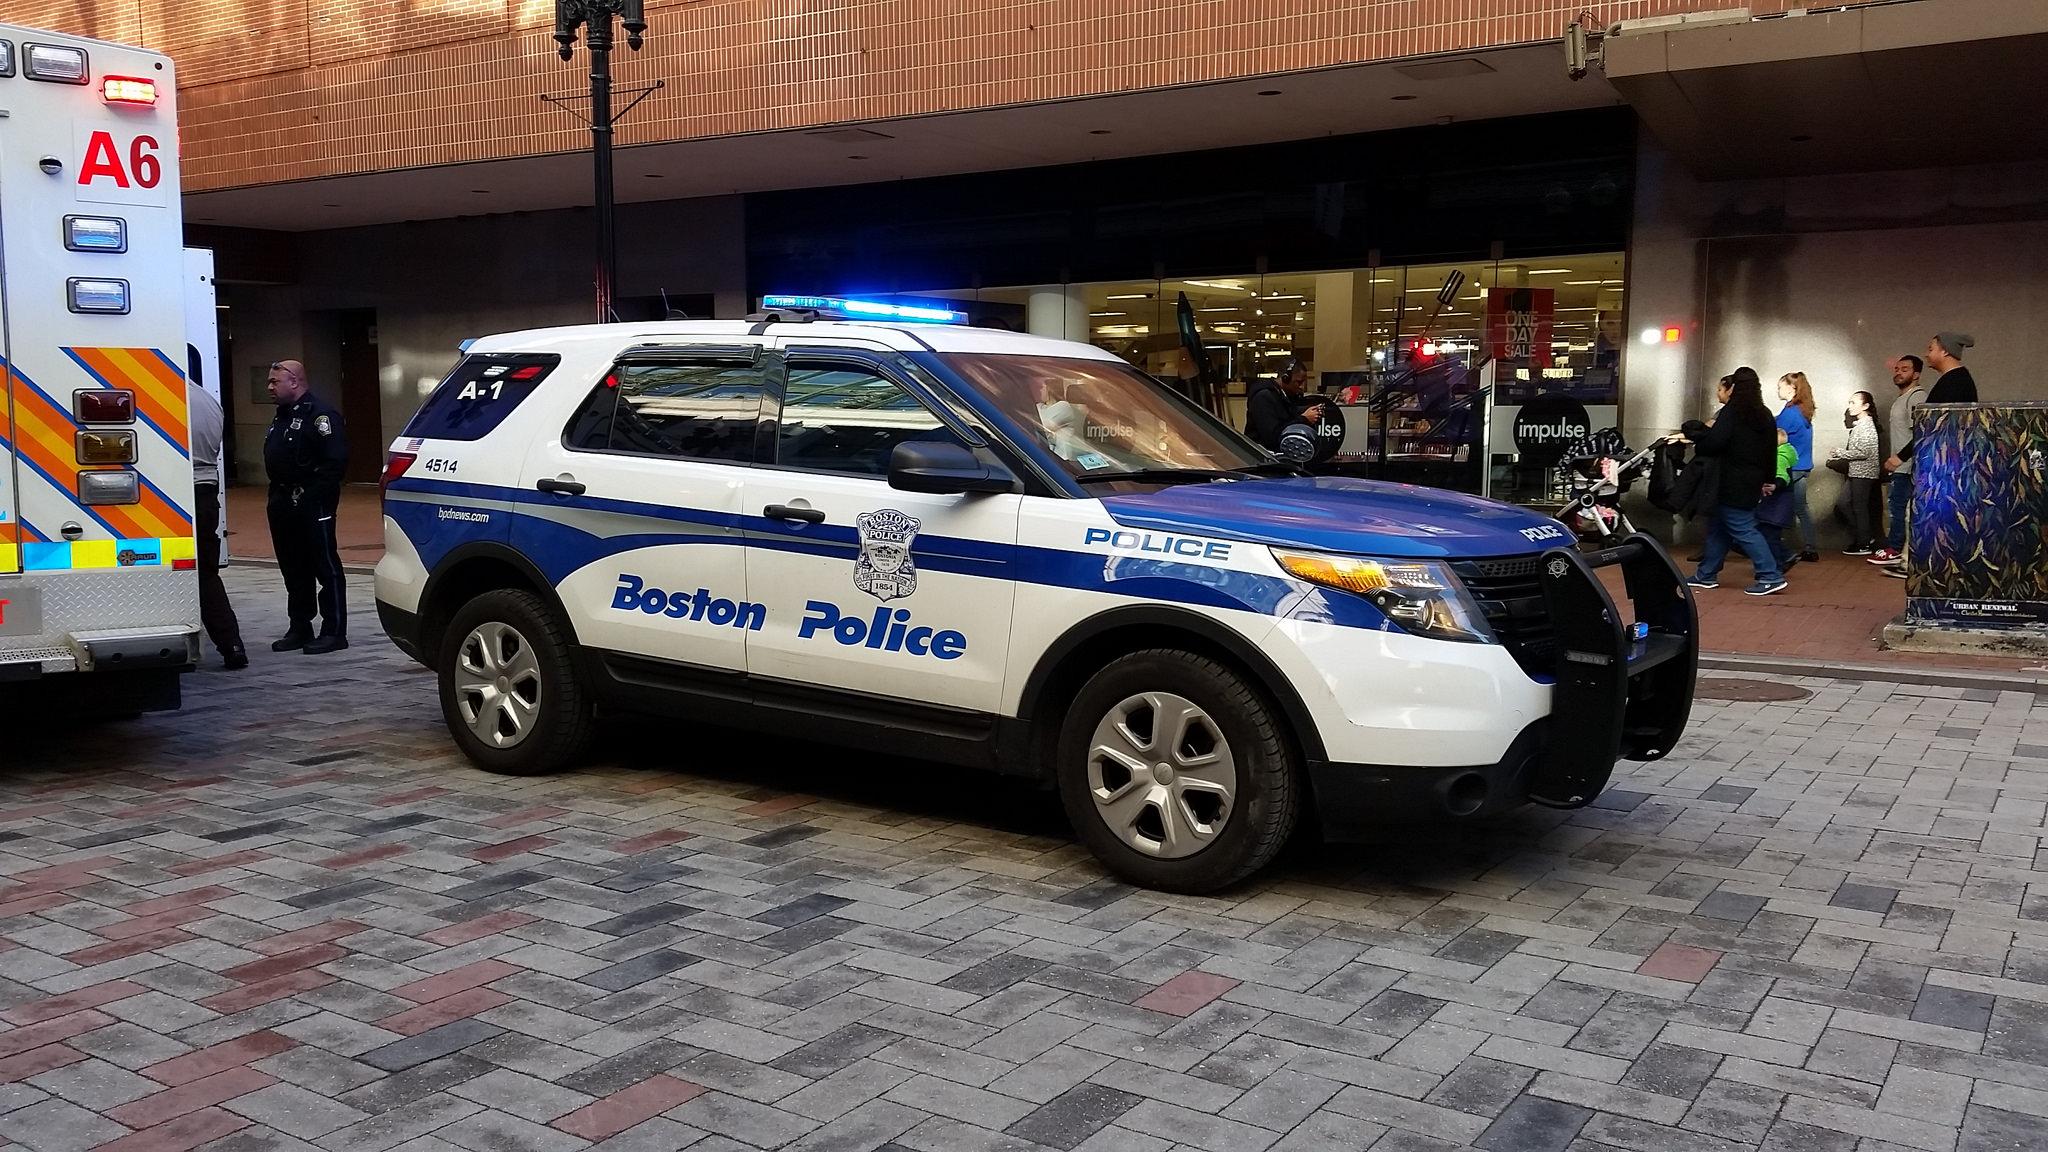 photos de voitures de police page 2461 auto titre. Black Bedroom Furniture Sets. Home Design Ideas